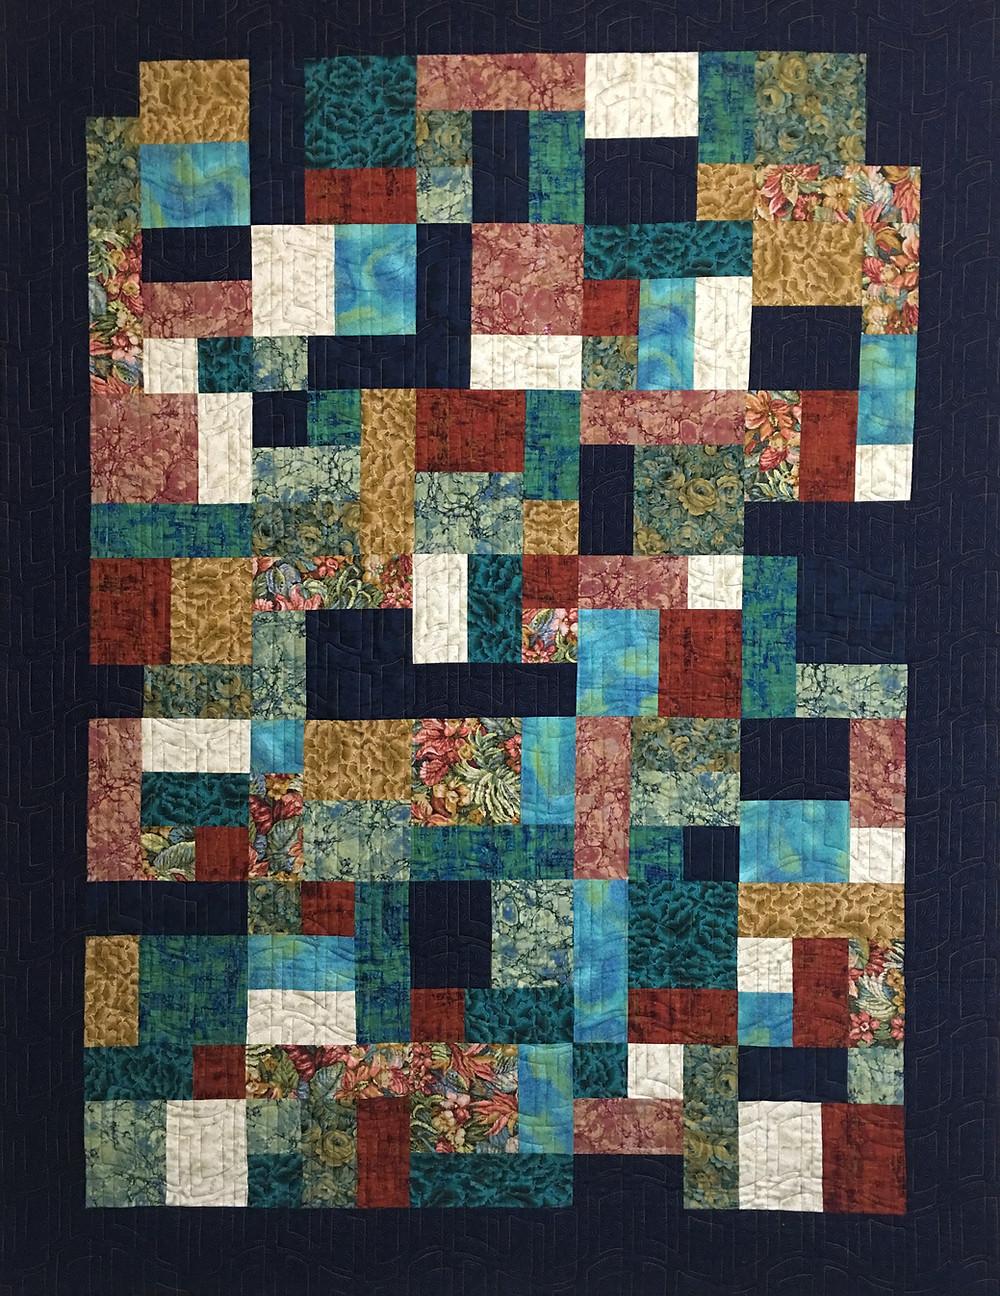 Yellow Brick Road Quilt by Michelle Bonnes